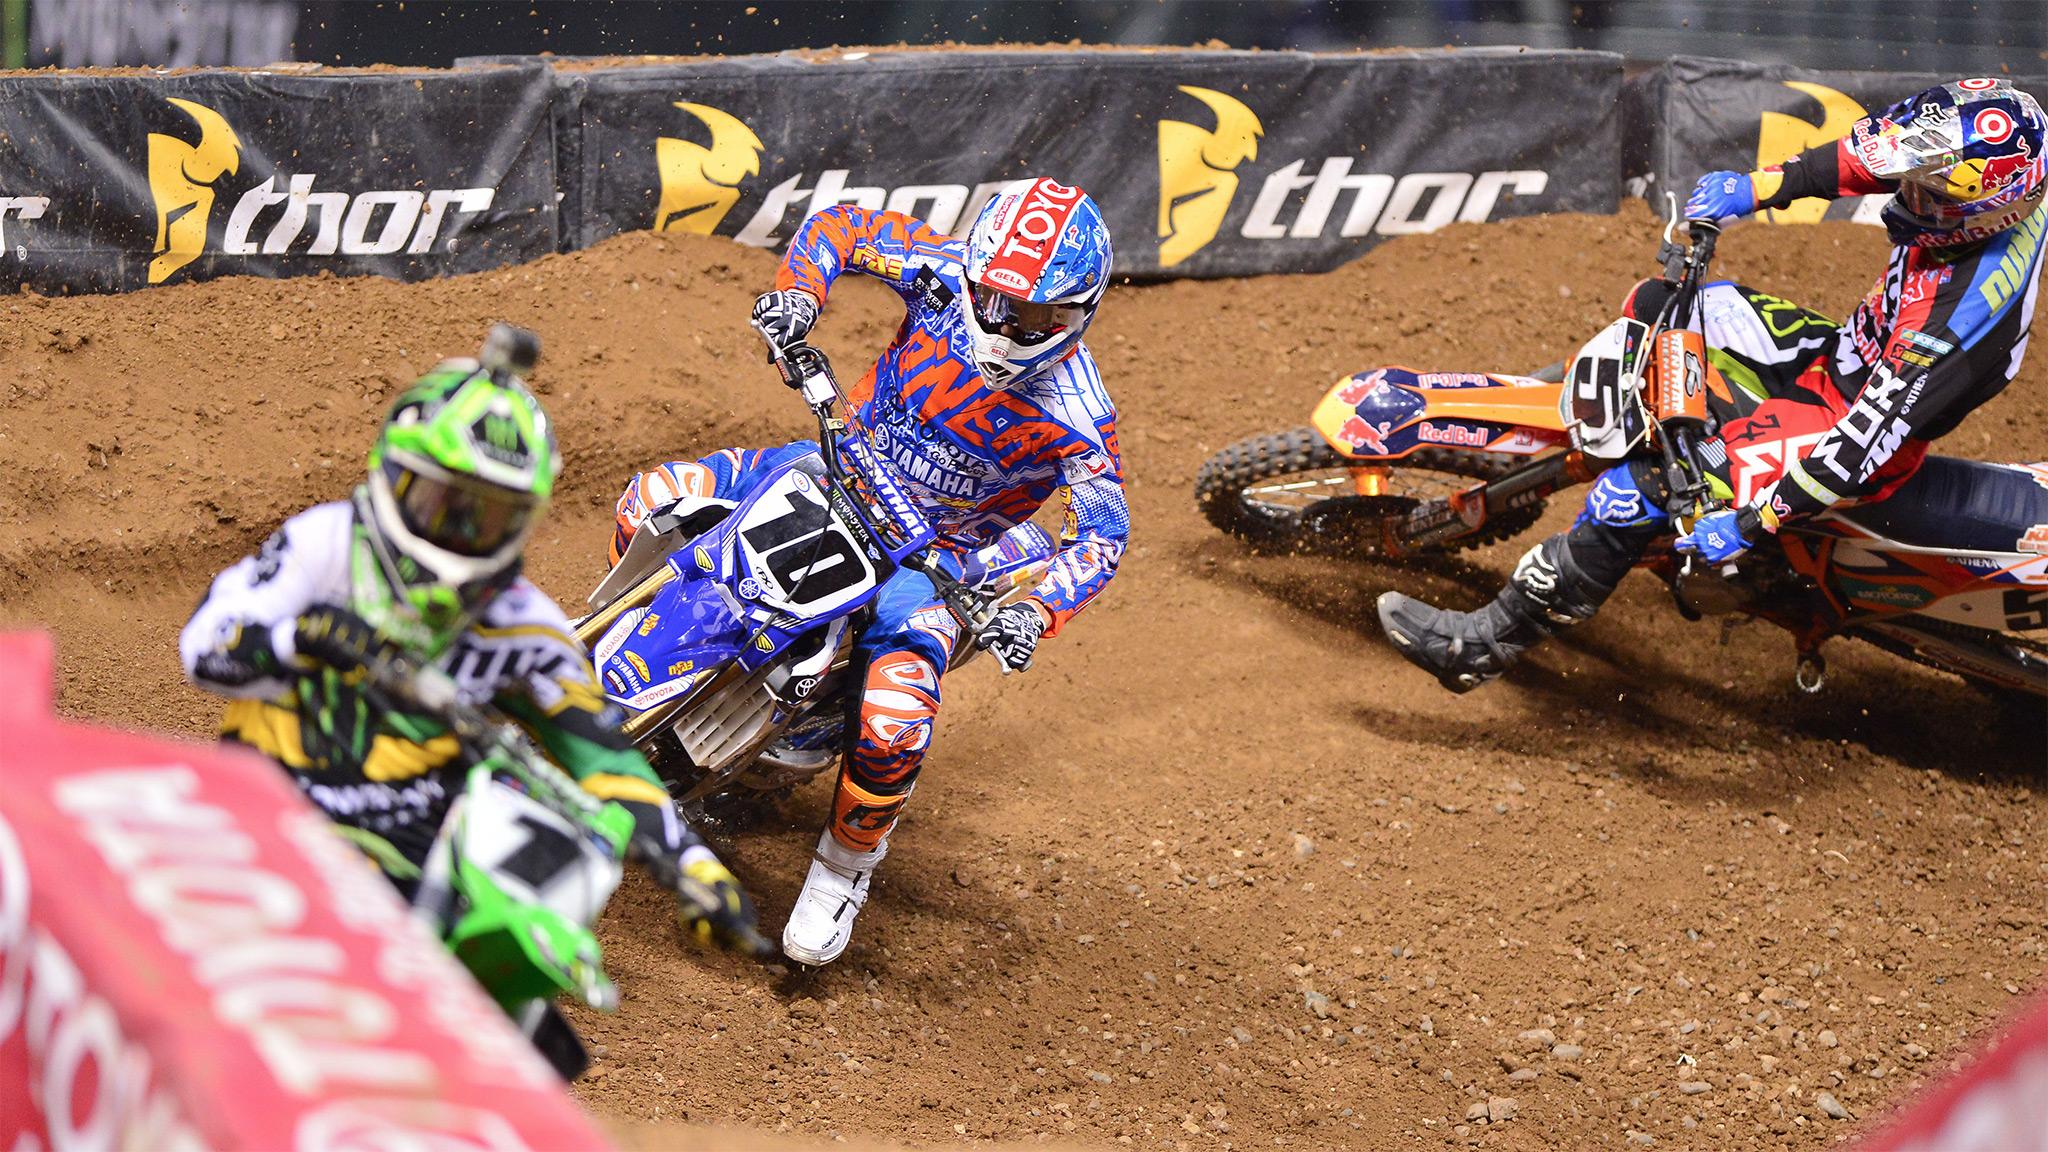 No. 4 Justin Brayton